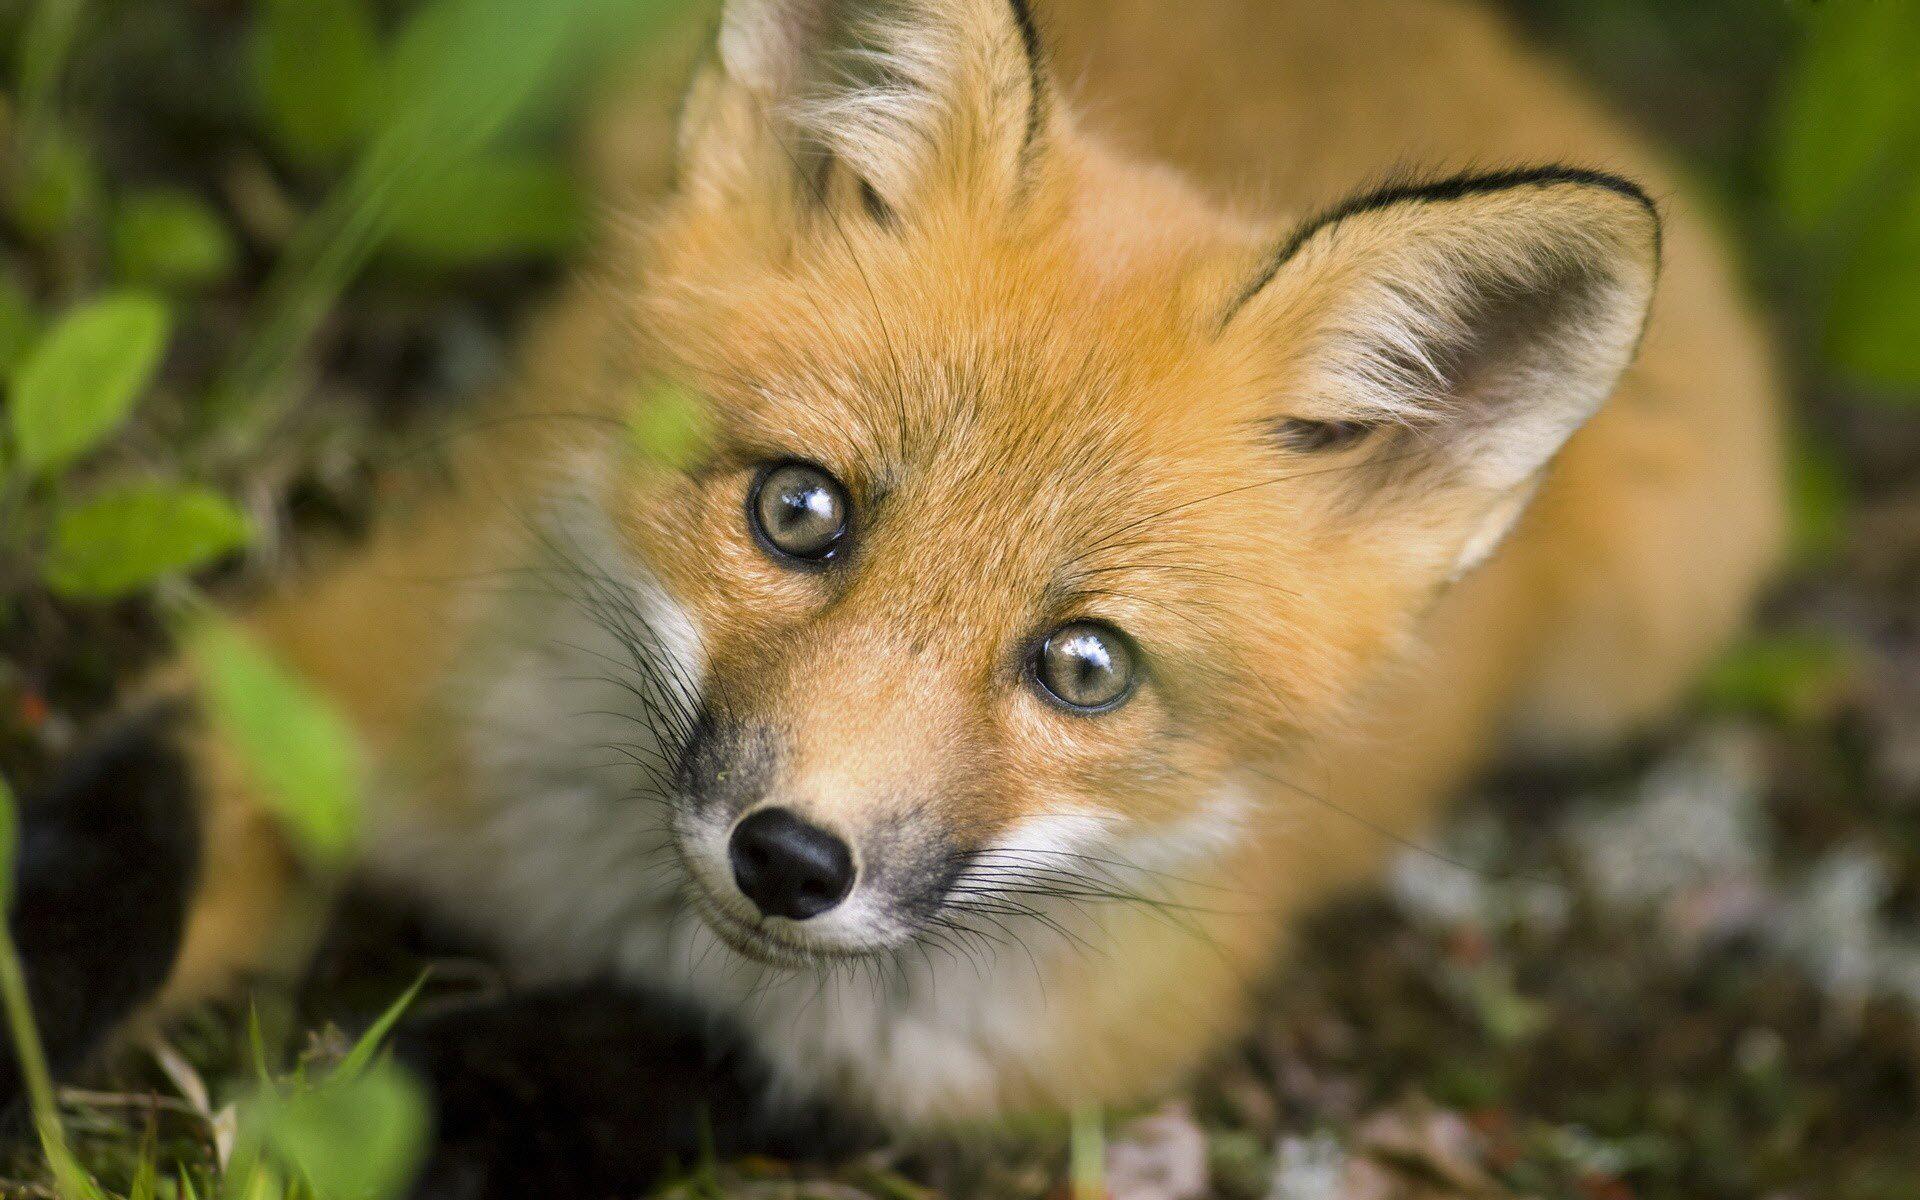 Cute Baby Animal Wallpapers Desktop Fox Wallpapers For Desktop Pixelstalk Net